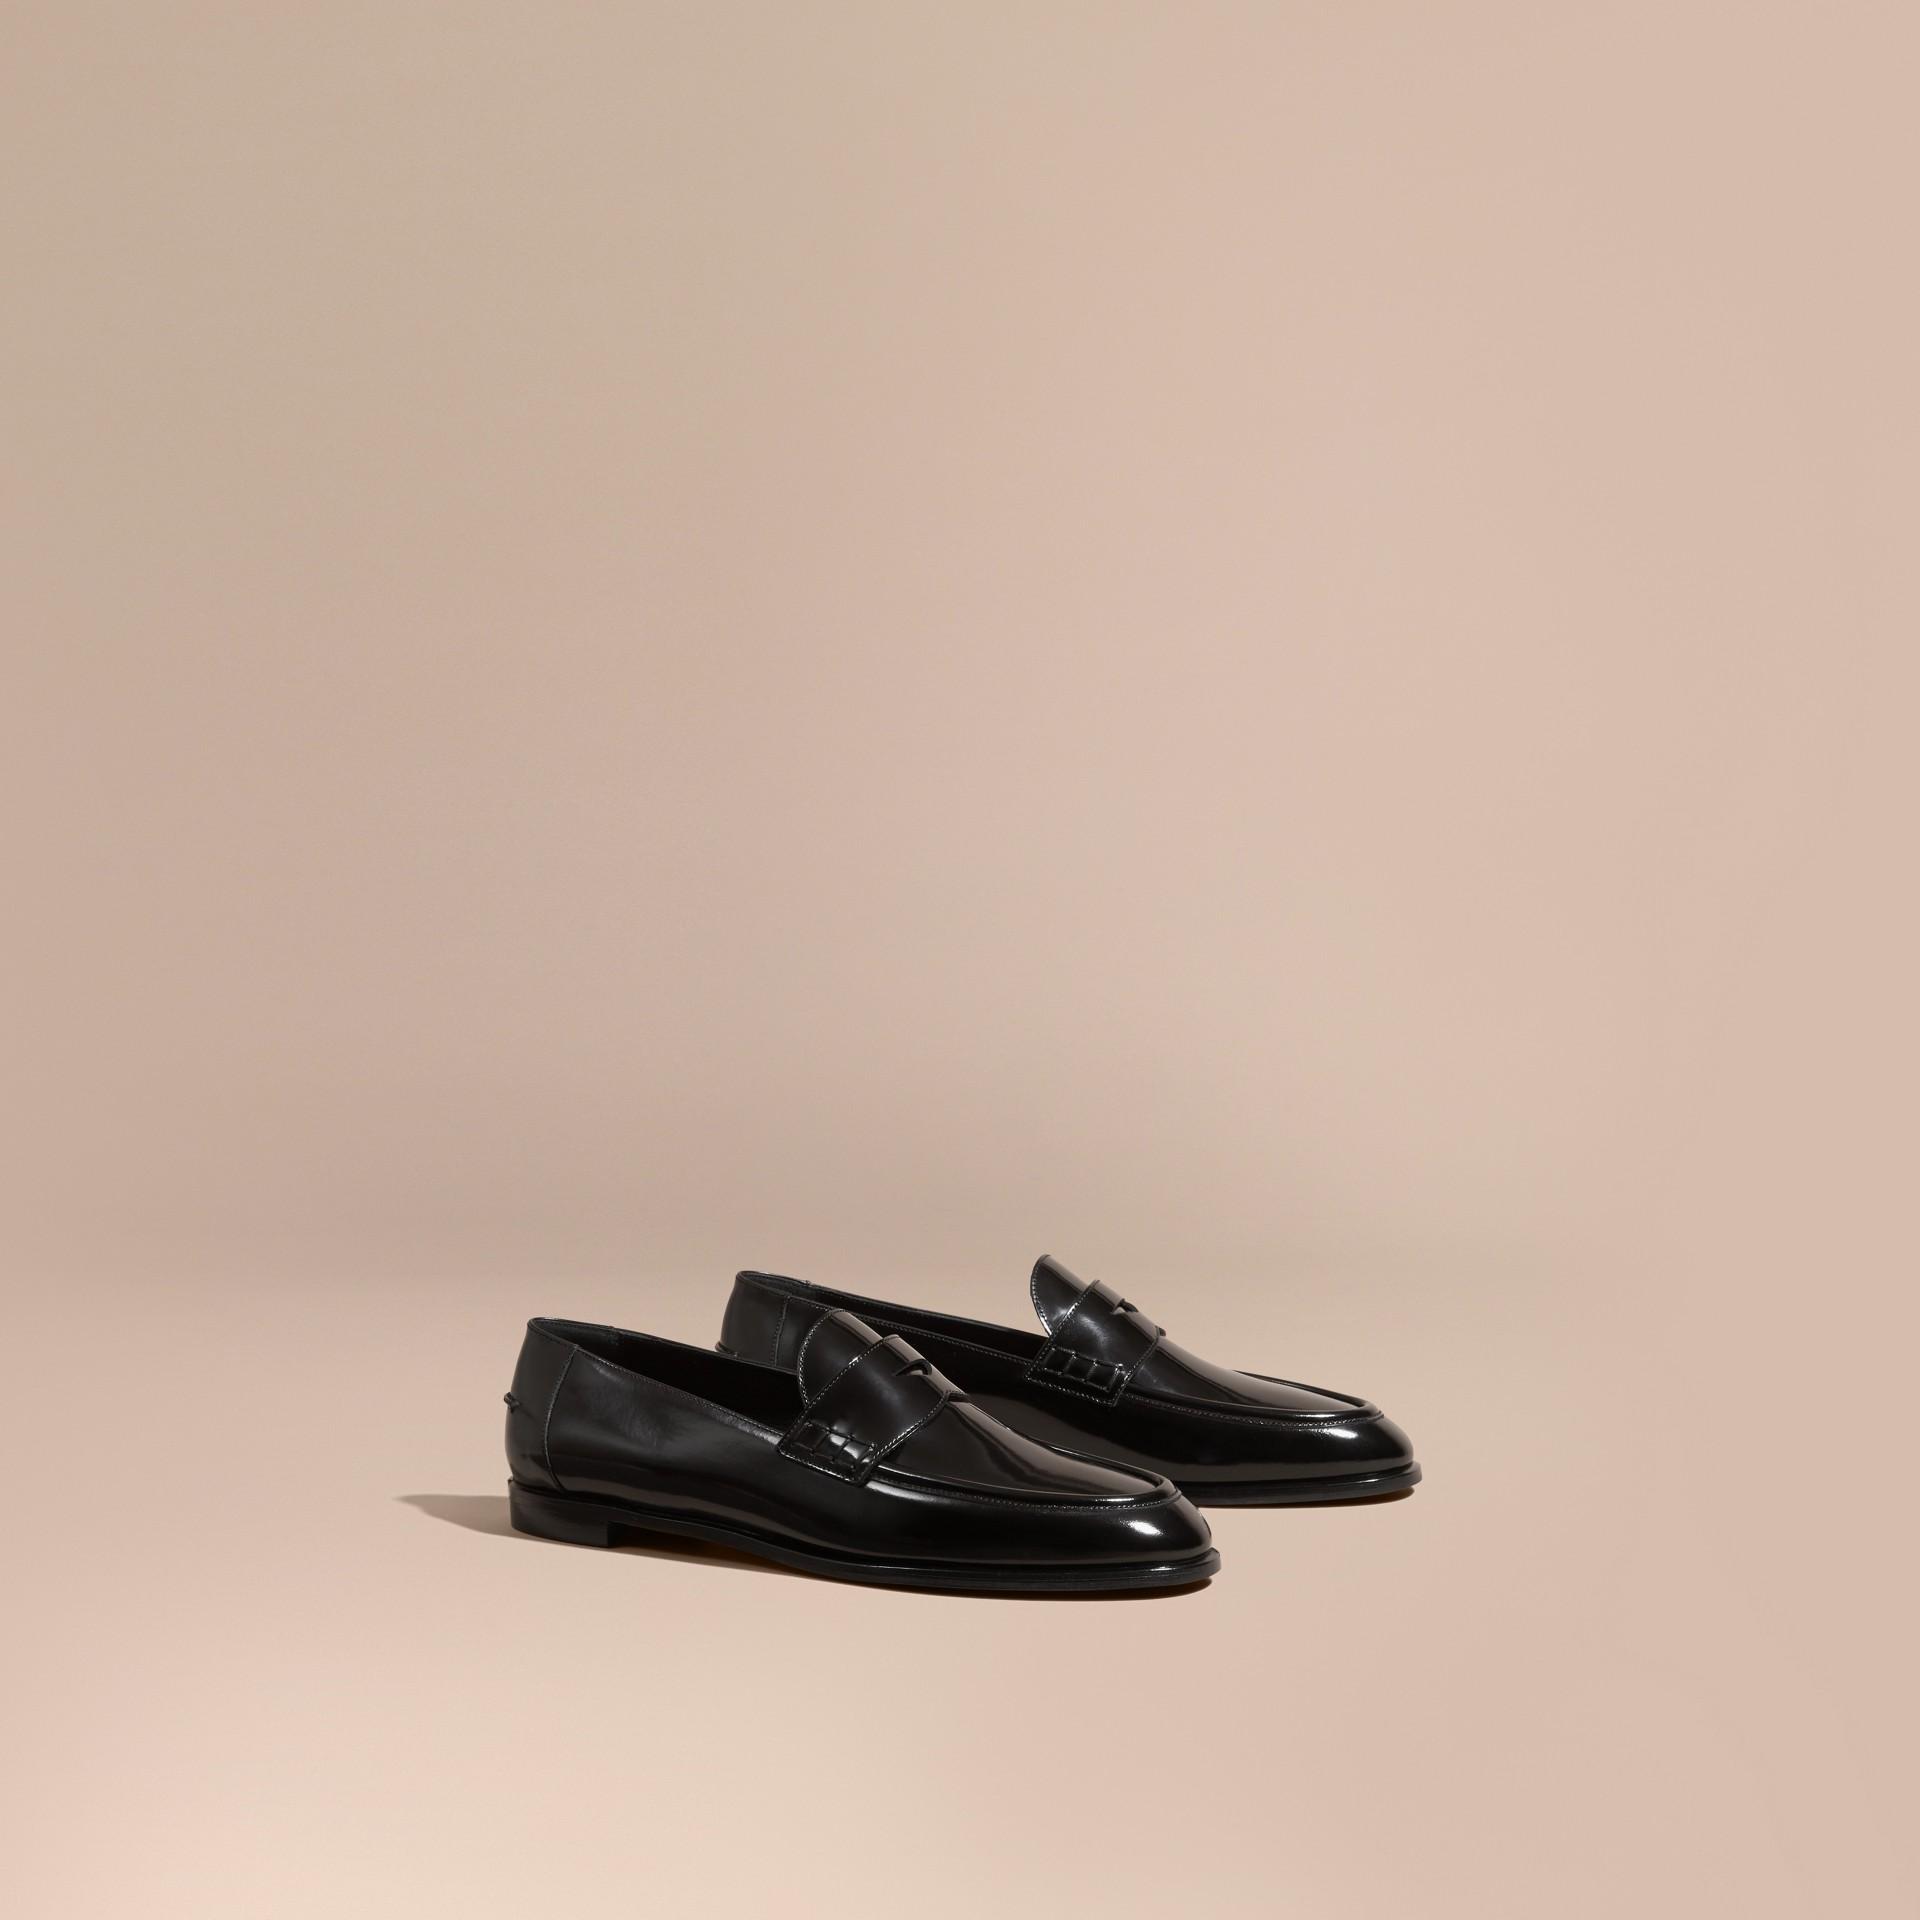 Mocassini in pelle lucida - Donna | Burberry - immagine della galleria 1